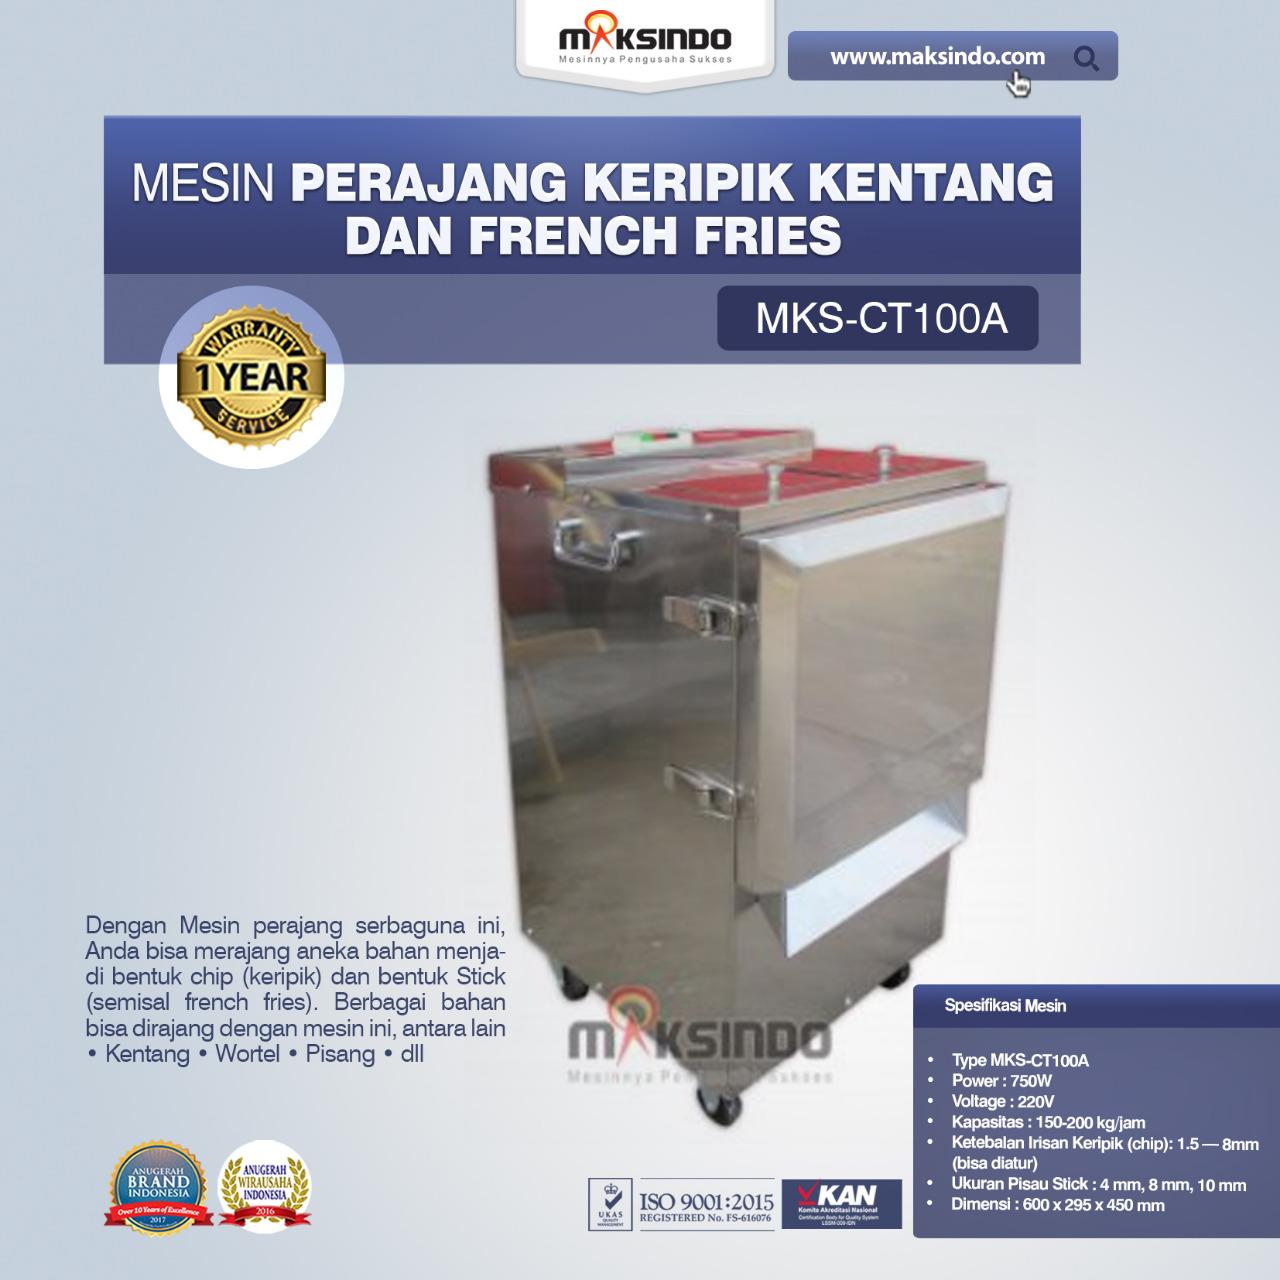 Jual Mesin Perajang Keripik Kentang dan French Fries – MKS-CT100A di Palembang